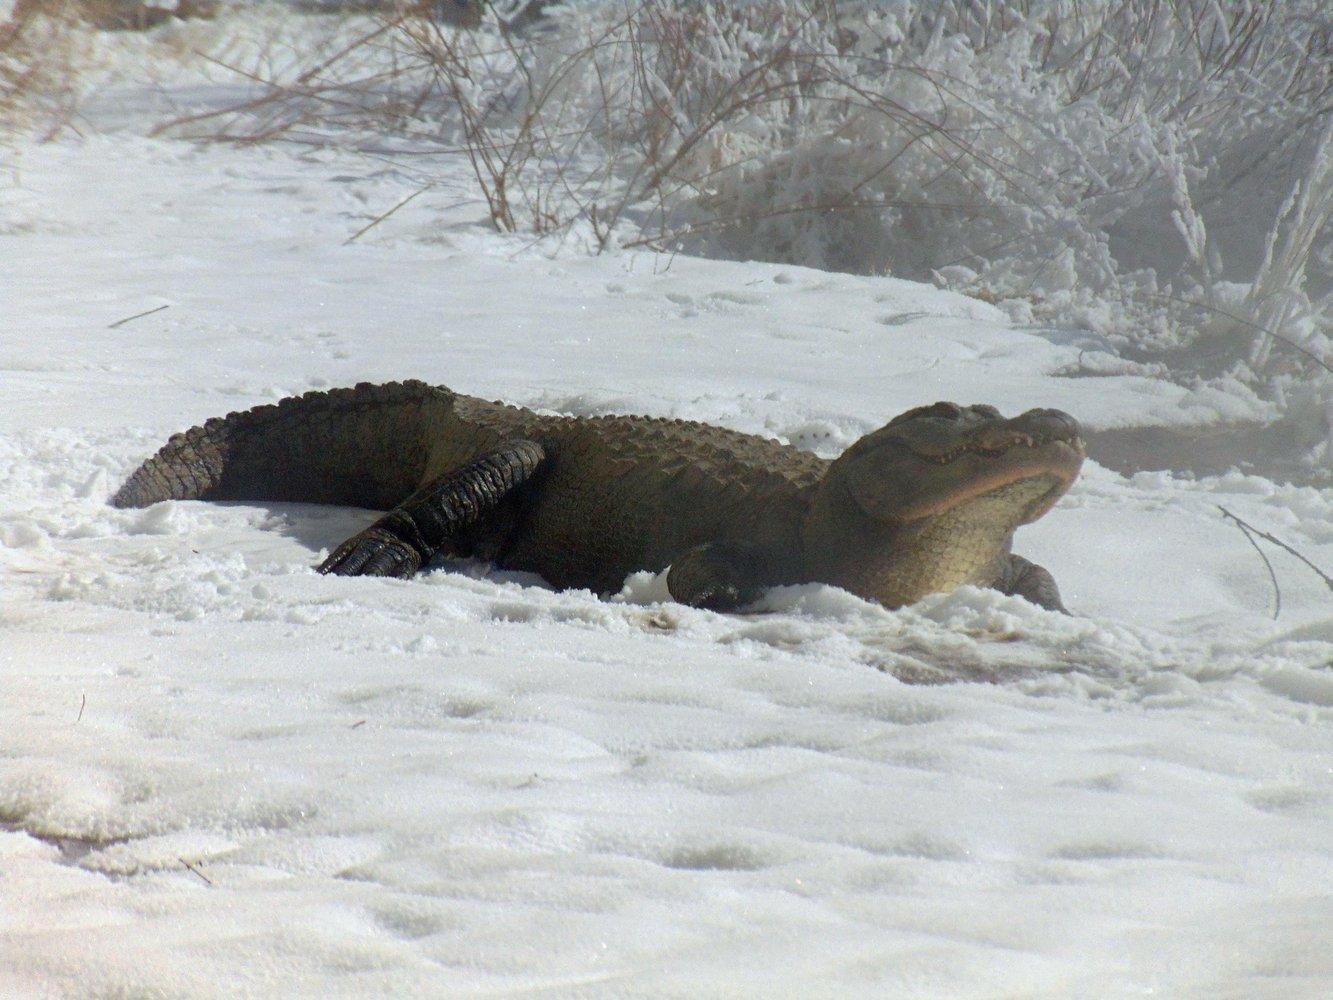 Крокодилы в снегу | Пикабу